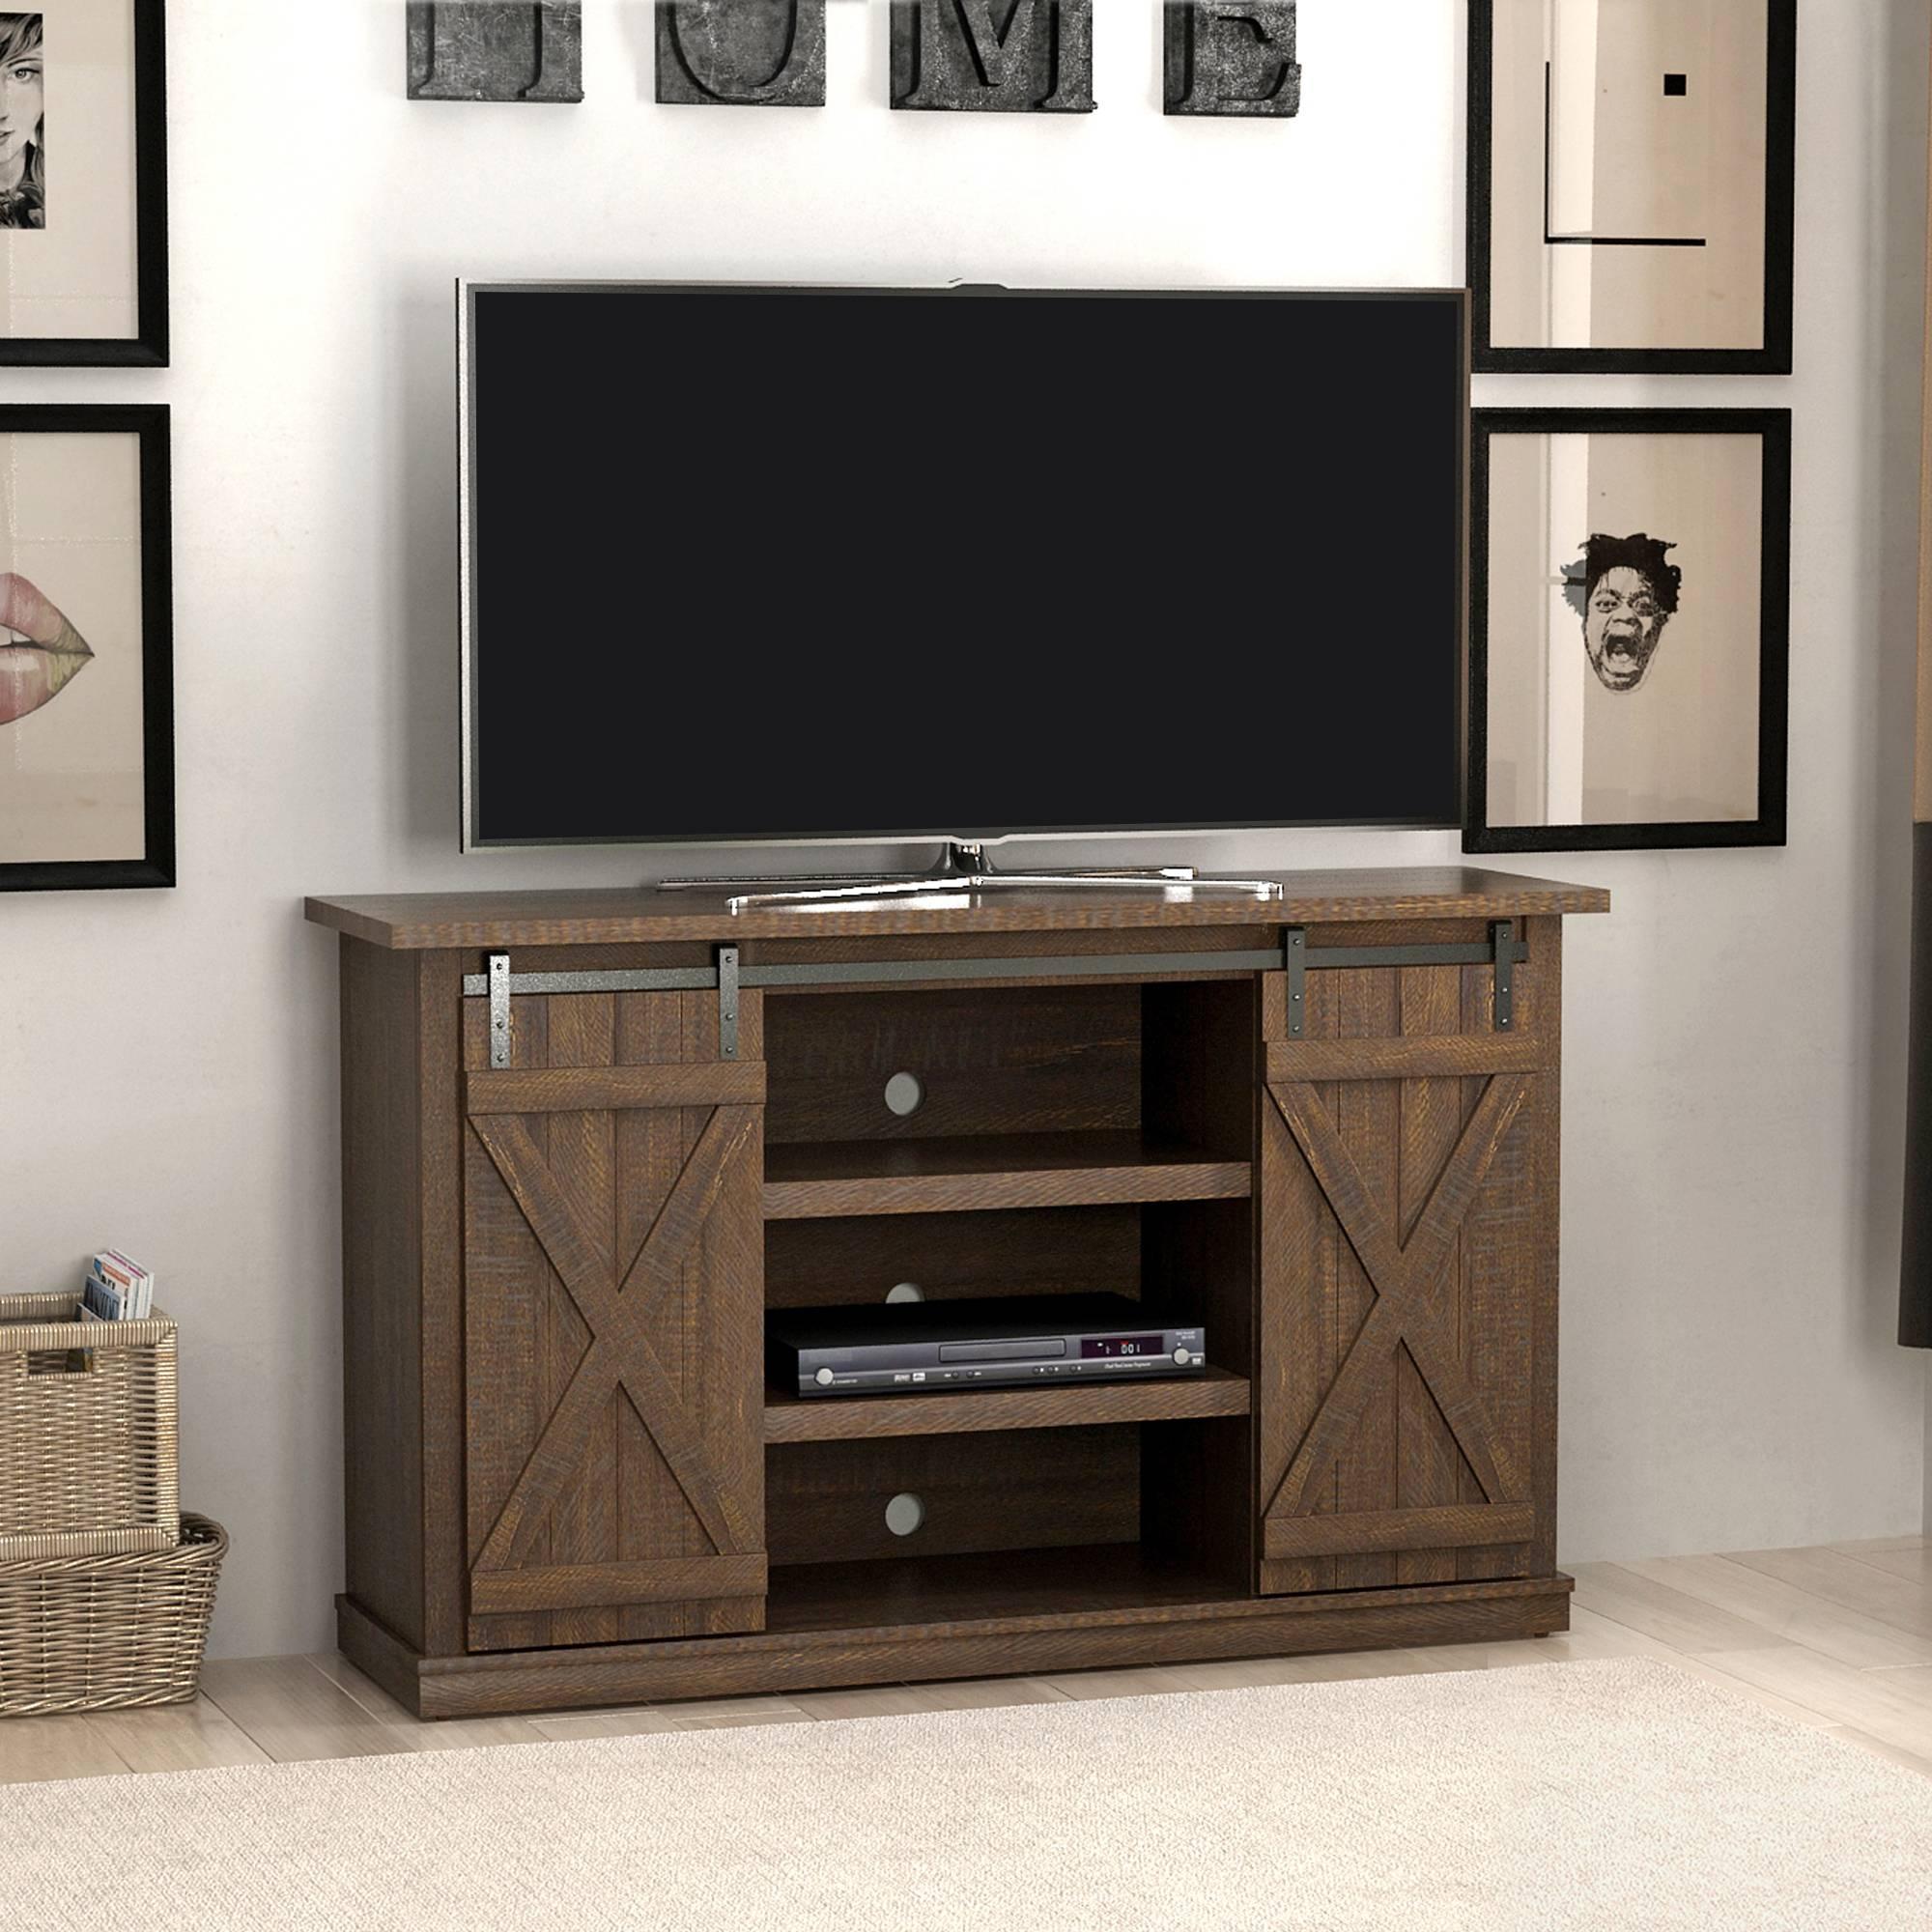 Tv Stands - Walmart regarding Como Tv Stands (Image 14 of 15)